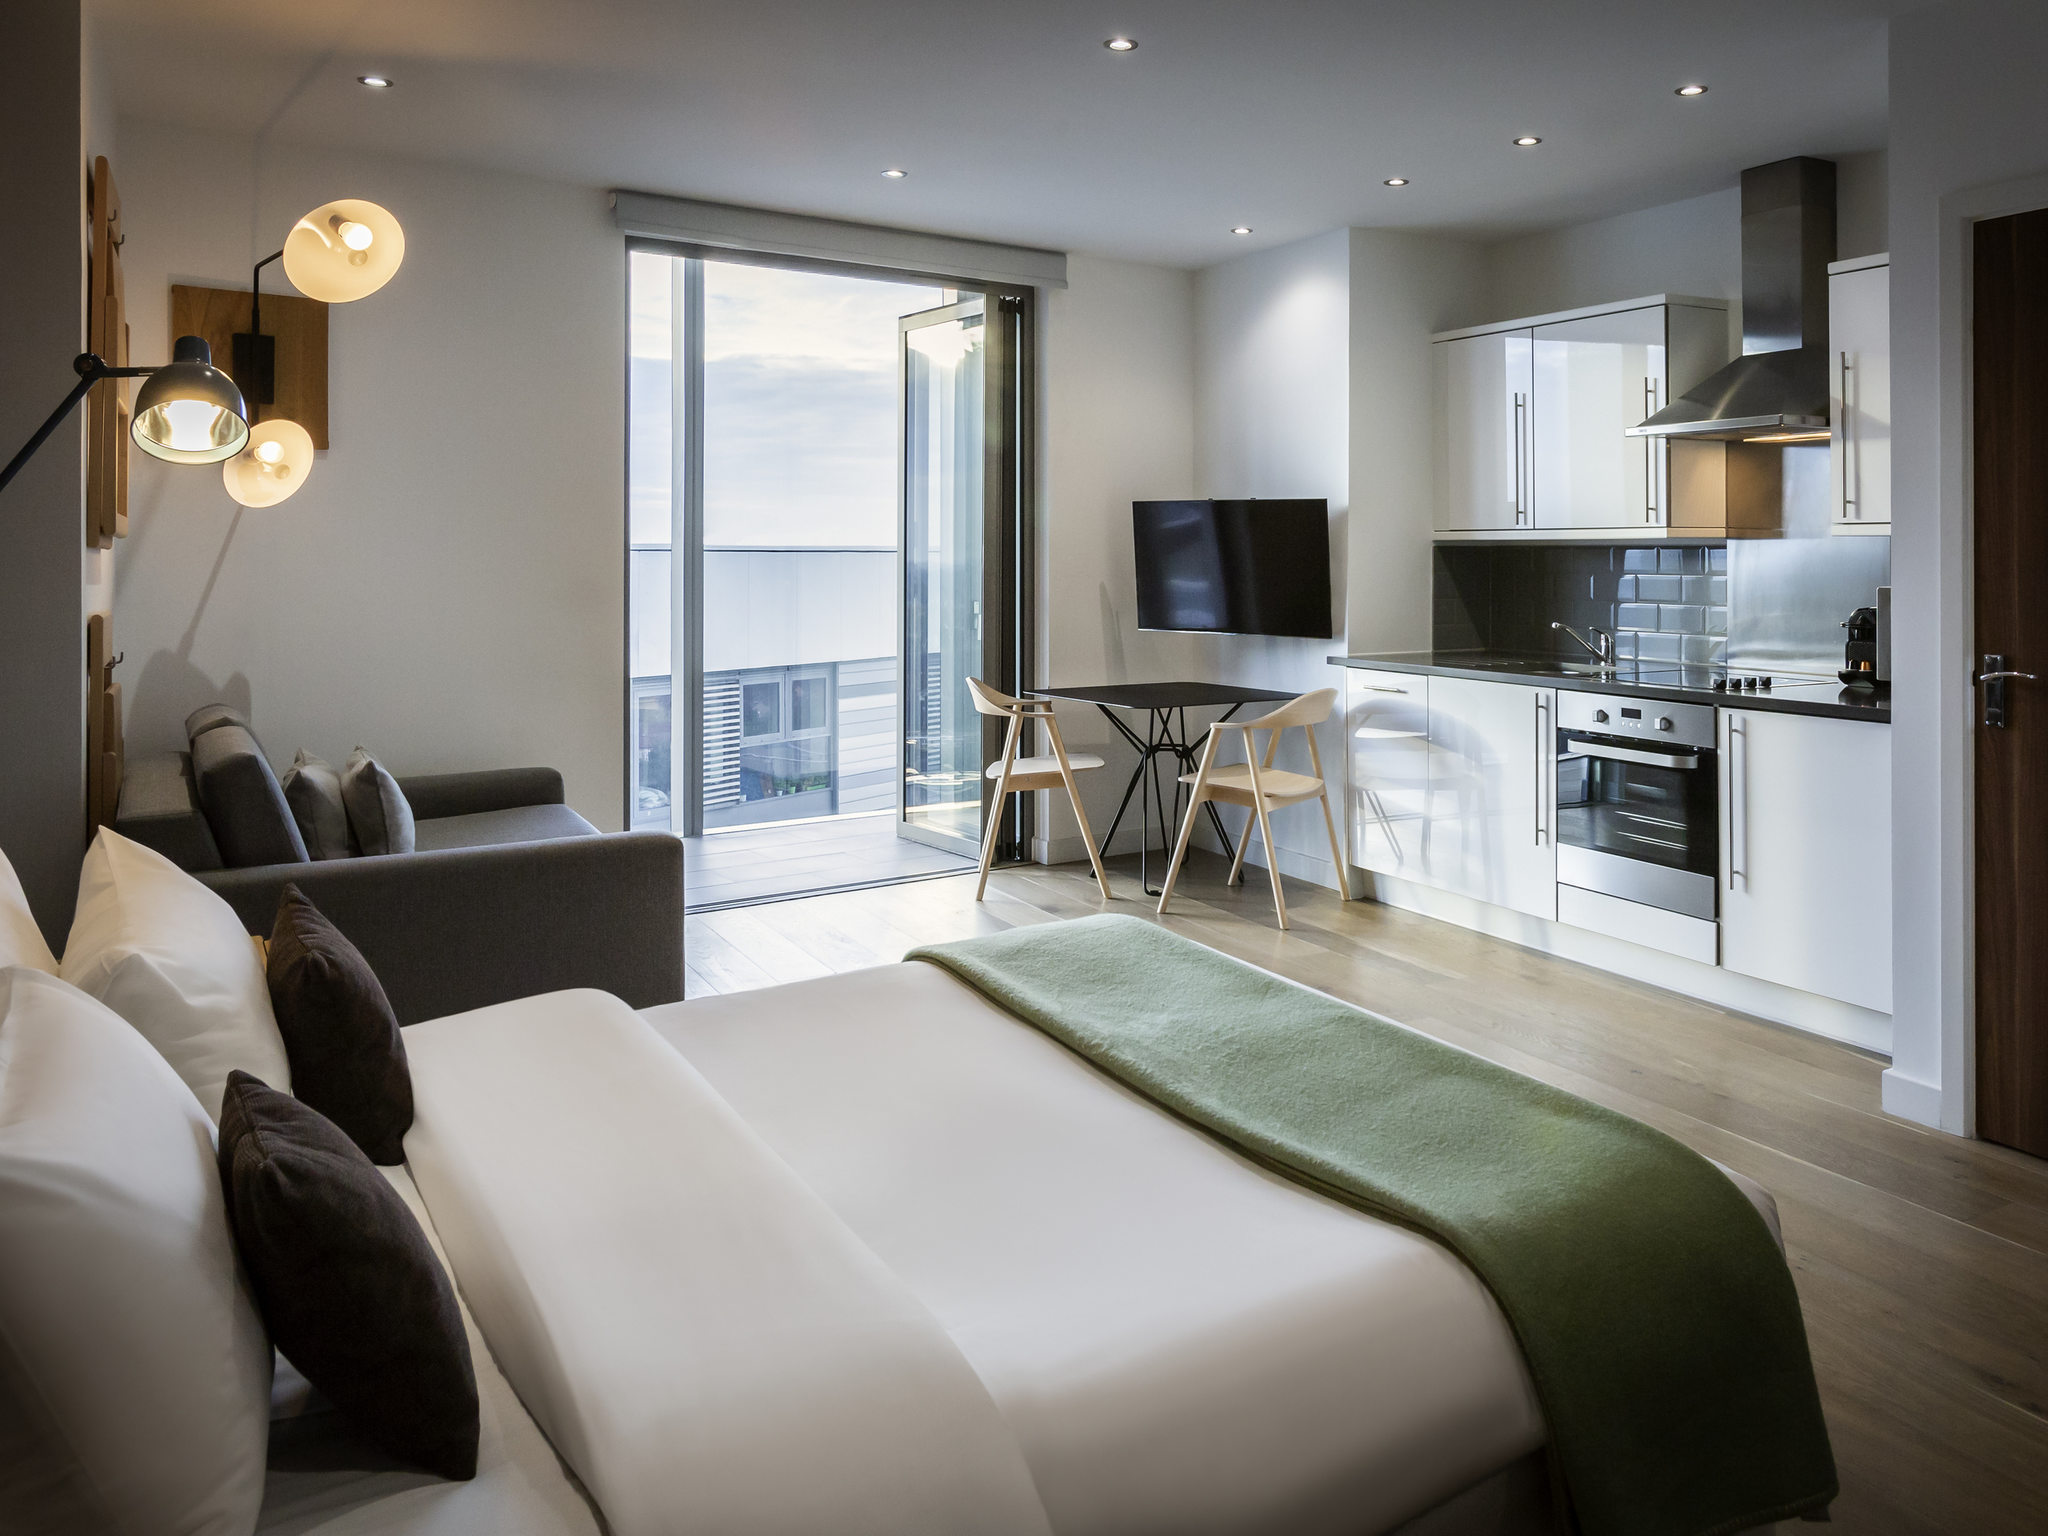 ホテル – アパートホテル アダジオ ロンドン ブレントフォード(2018年10月オープン)